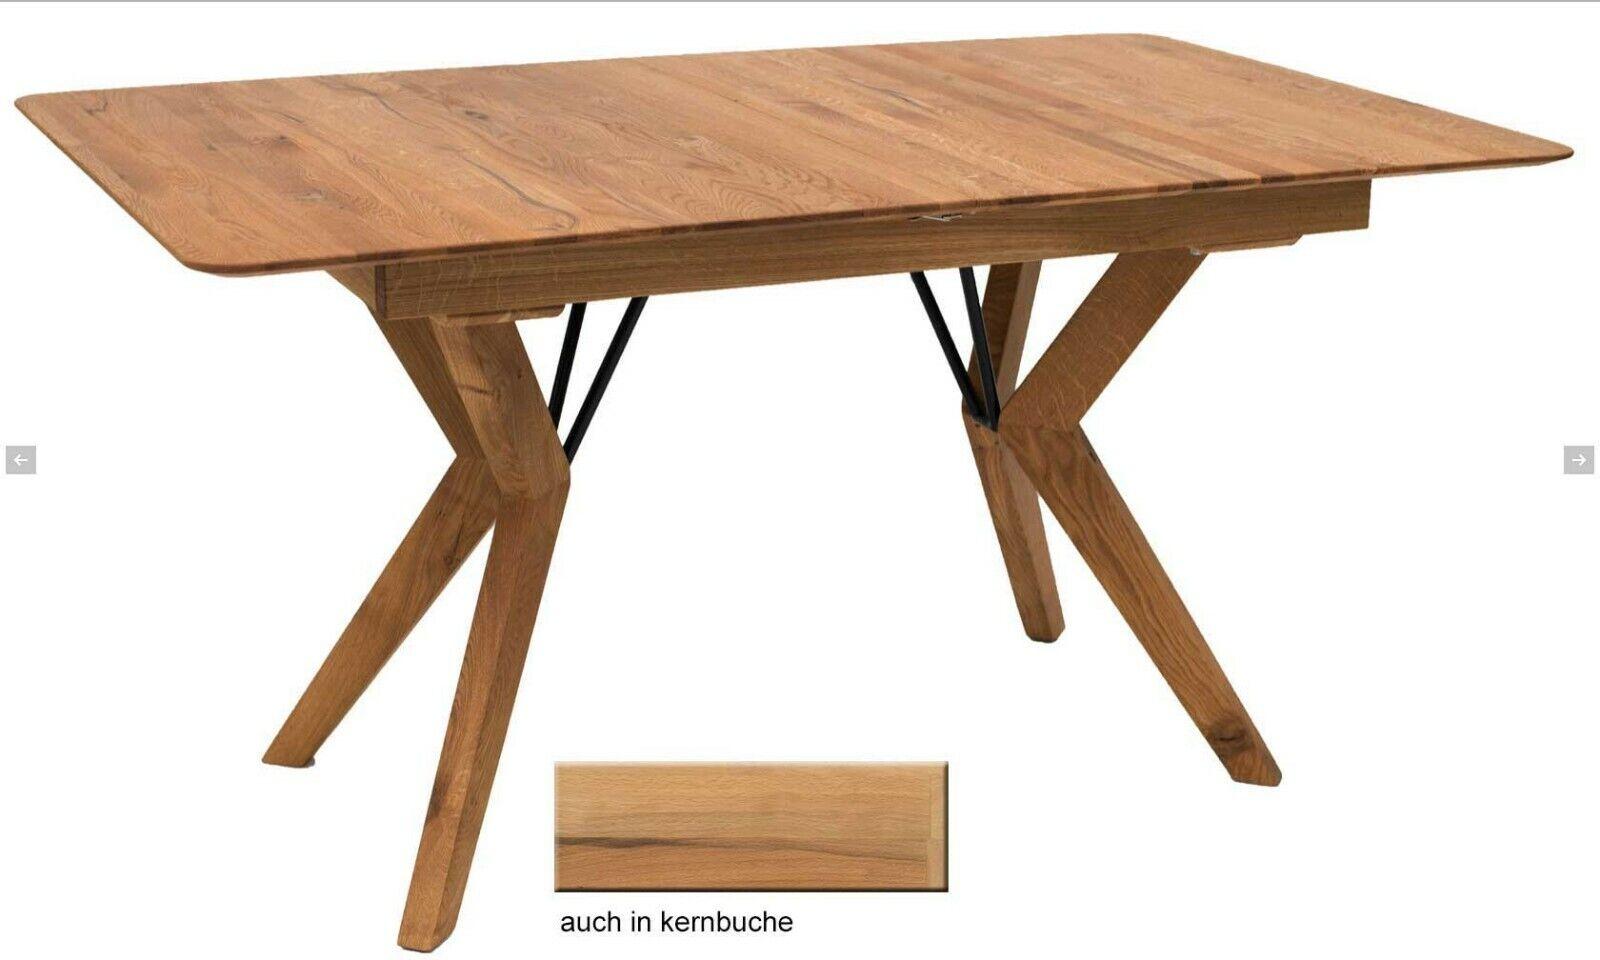 Standard Furniture Grenoble Esstisch massiv Massivholztisch eiche kernbuche